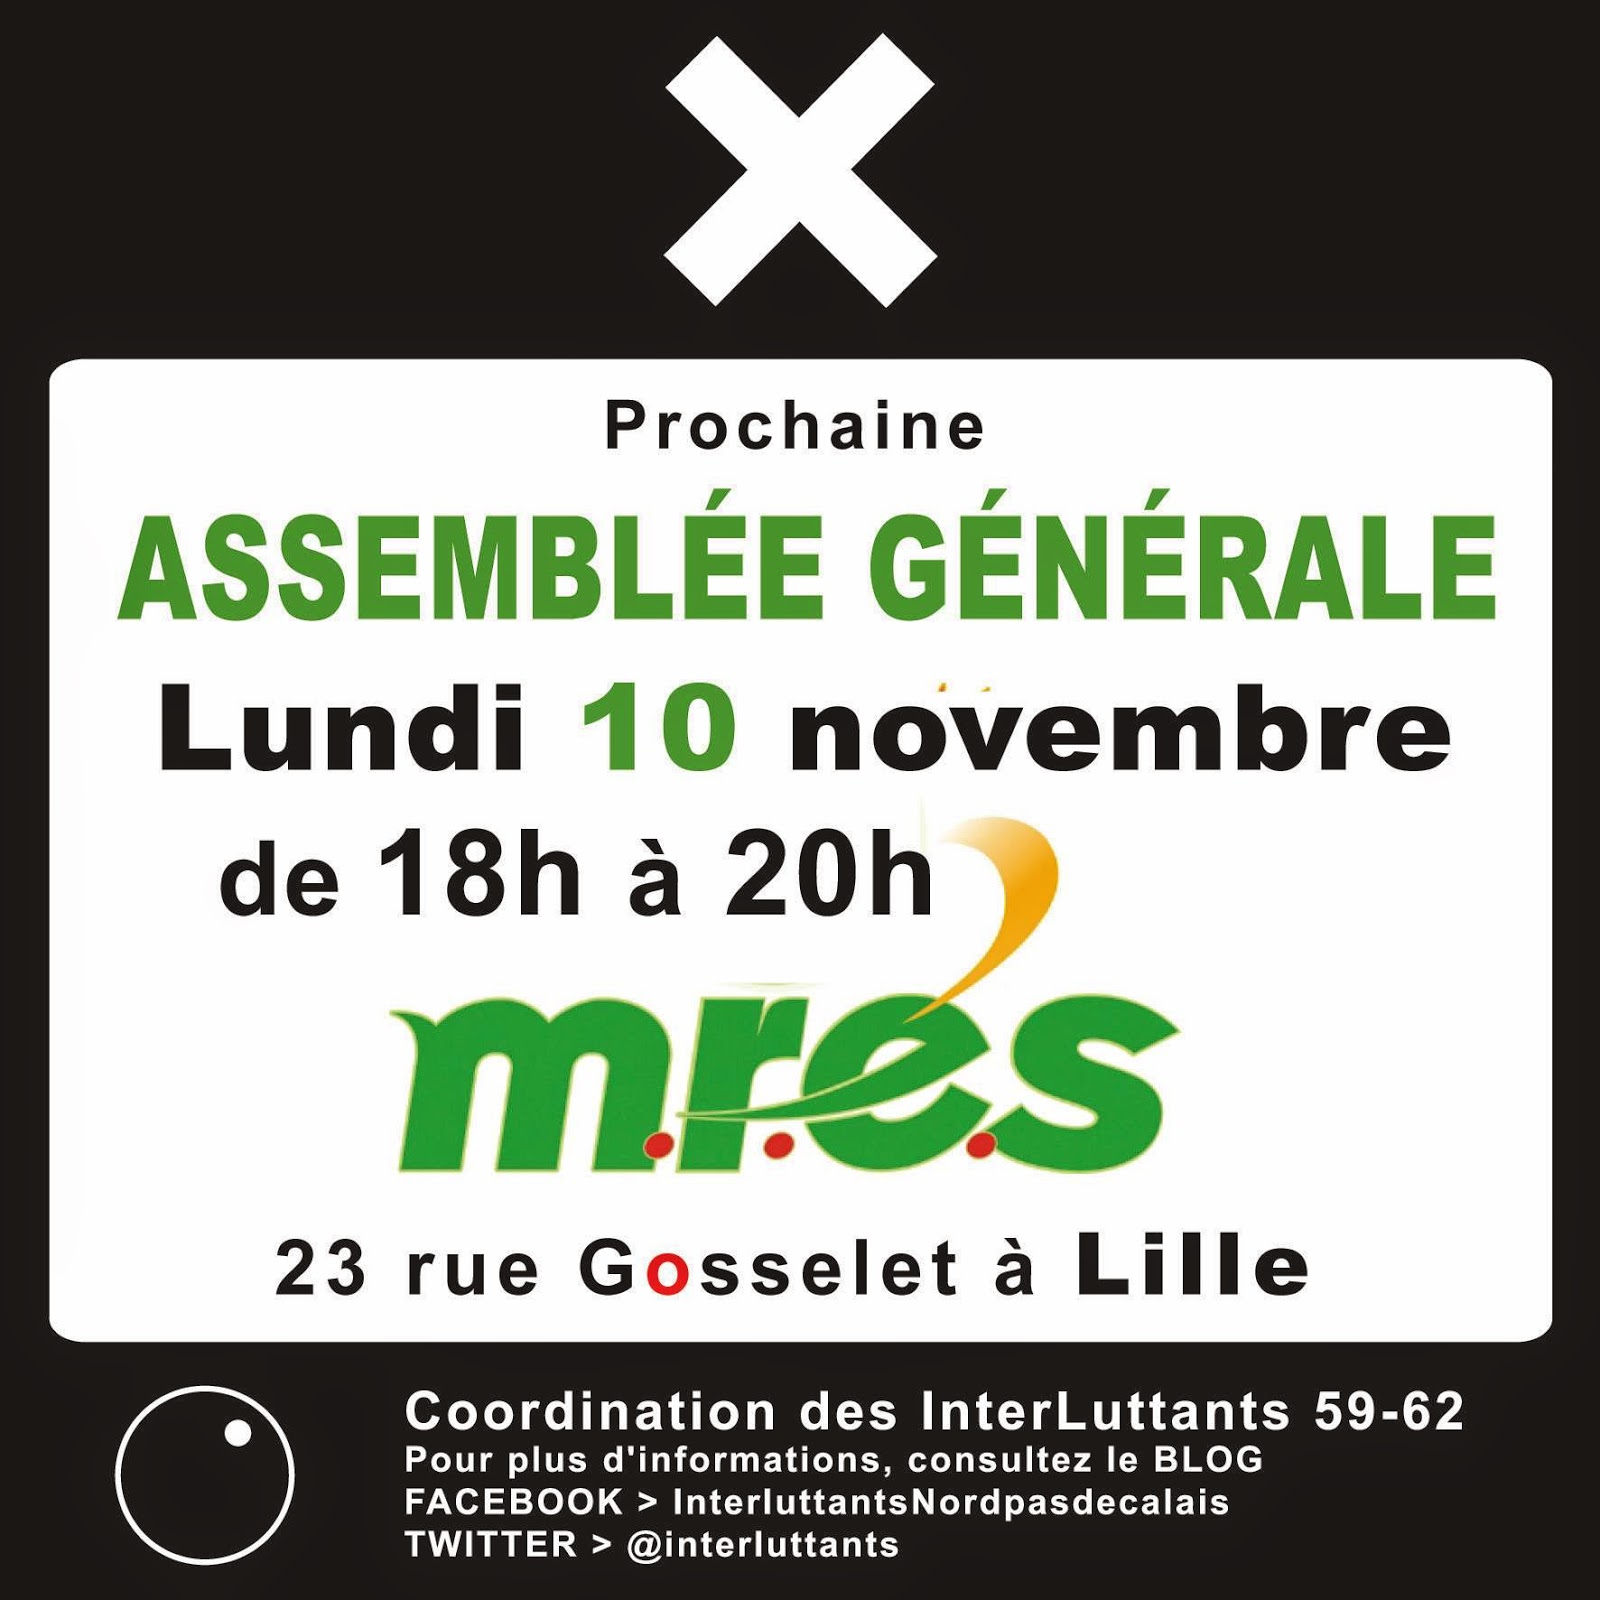 ASSEMBLÉE GÉNÉRALE  Lundi 10 novembre à 18h00 à la MRES (Maison Régionale de l'Environnement et des Solidarités)  23 rue Gosselet à Lille